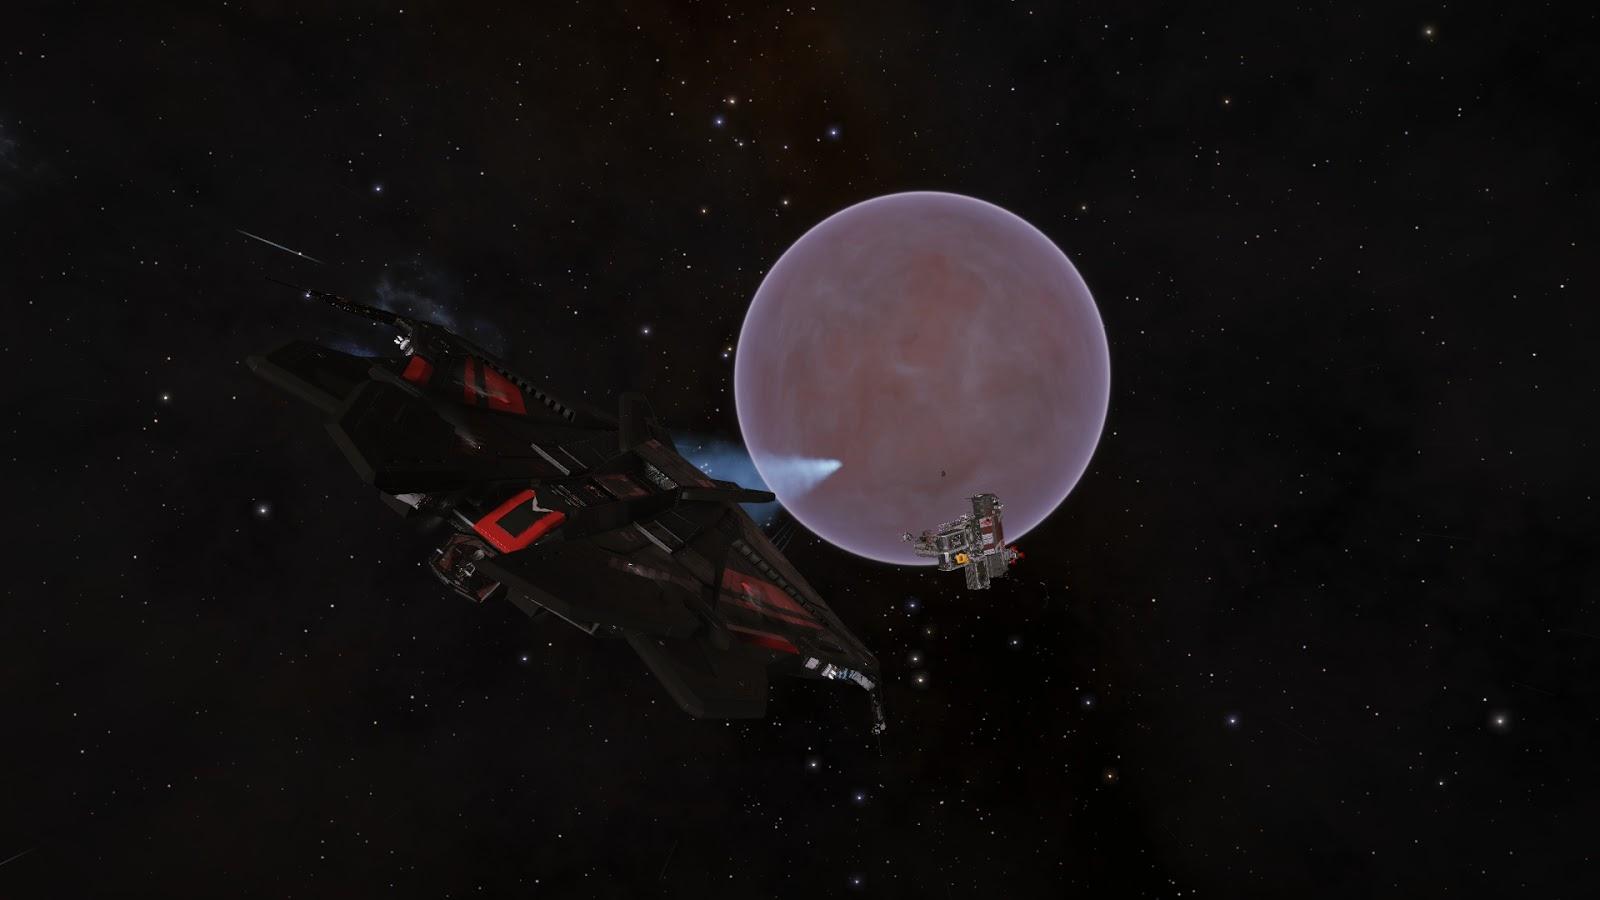 Elite Dangerous - űrhajó egy bolygóval és egy űrállomással a háttérben